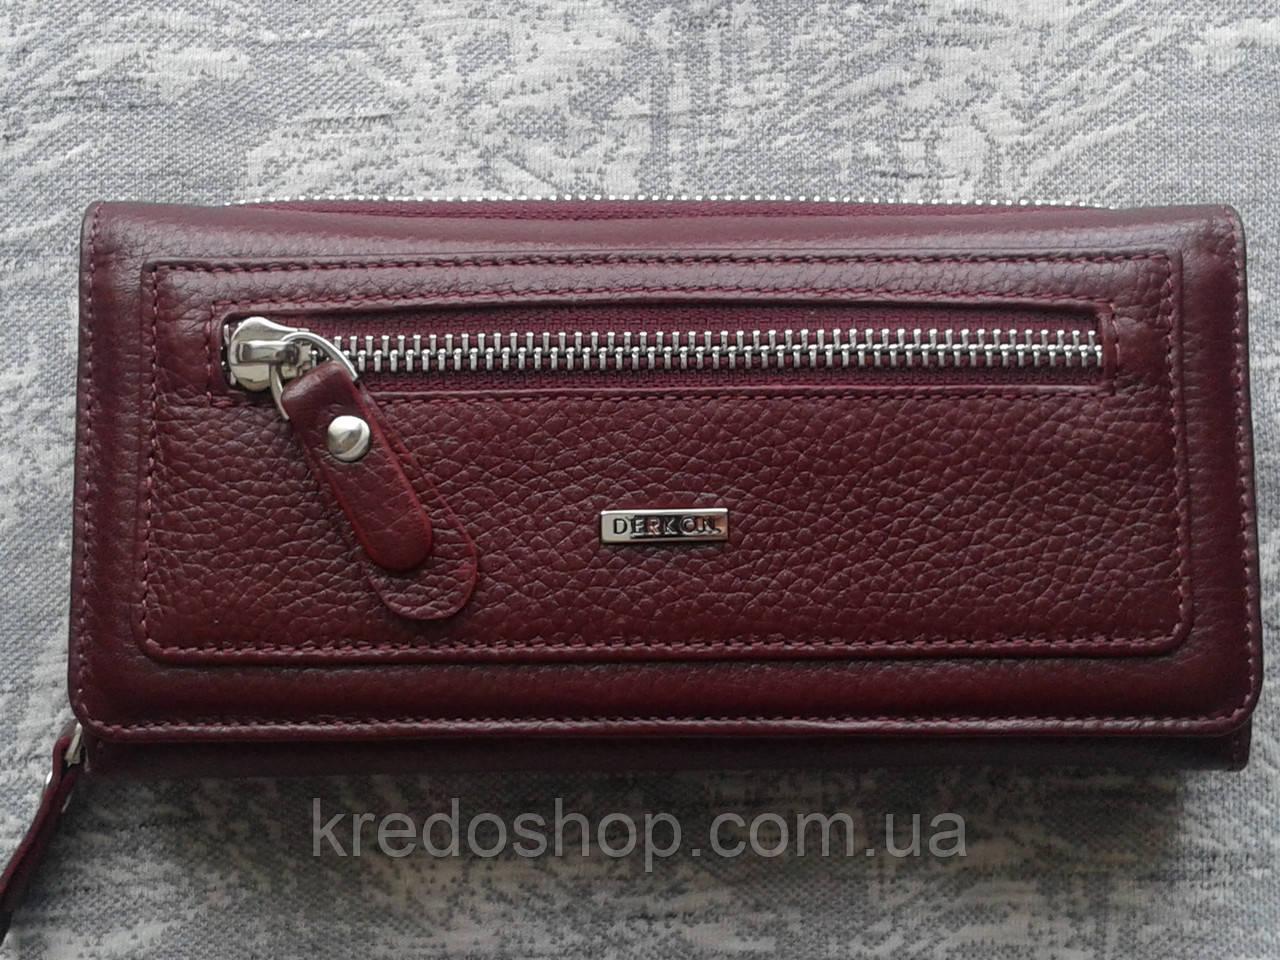 7b59c0328575 Кожаный кошелек женский красивый стильный(Турция) - Интернет-магазин сумок  и аксессуаров